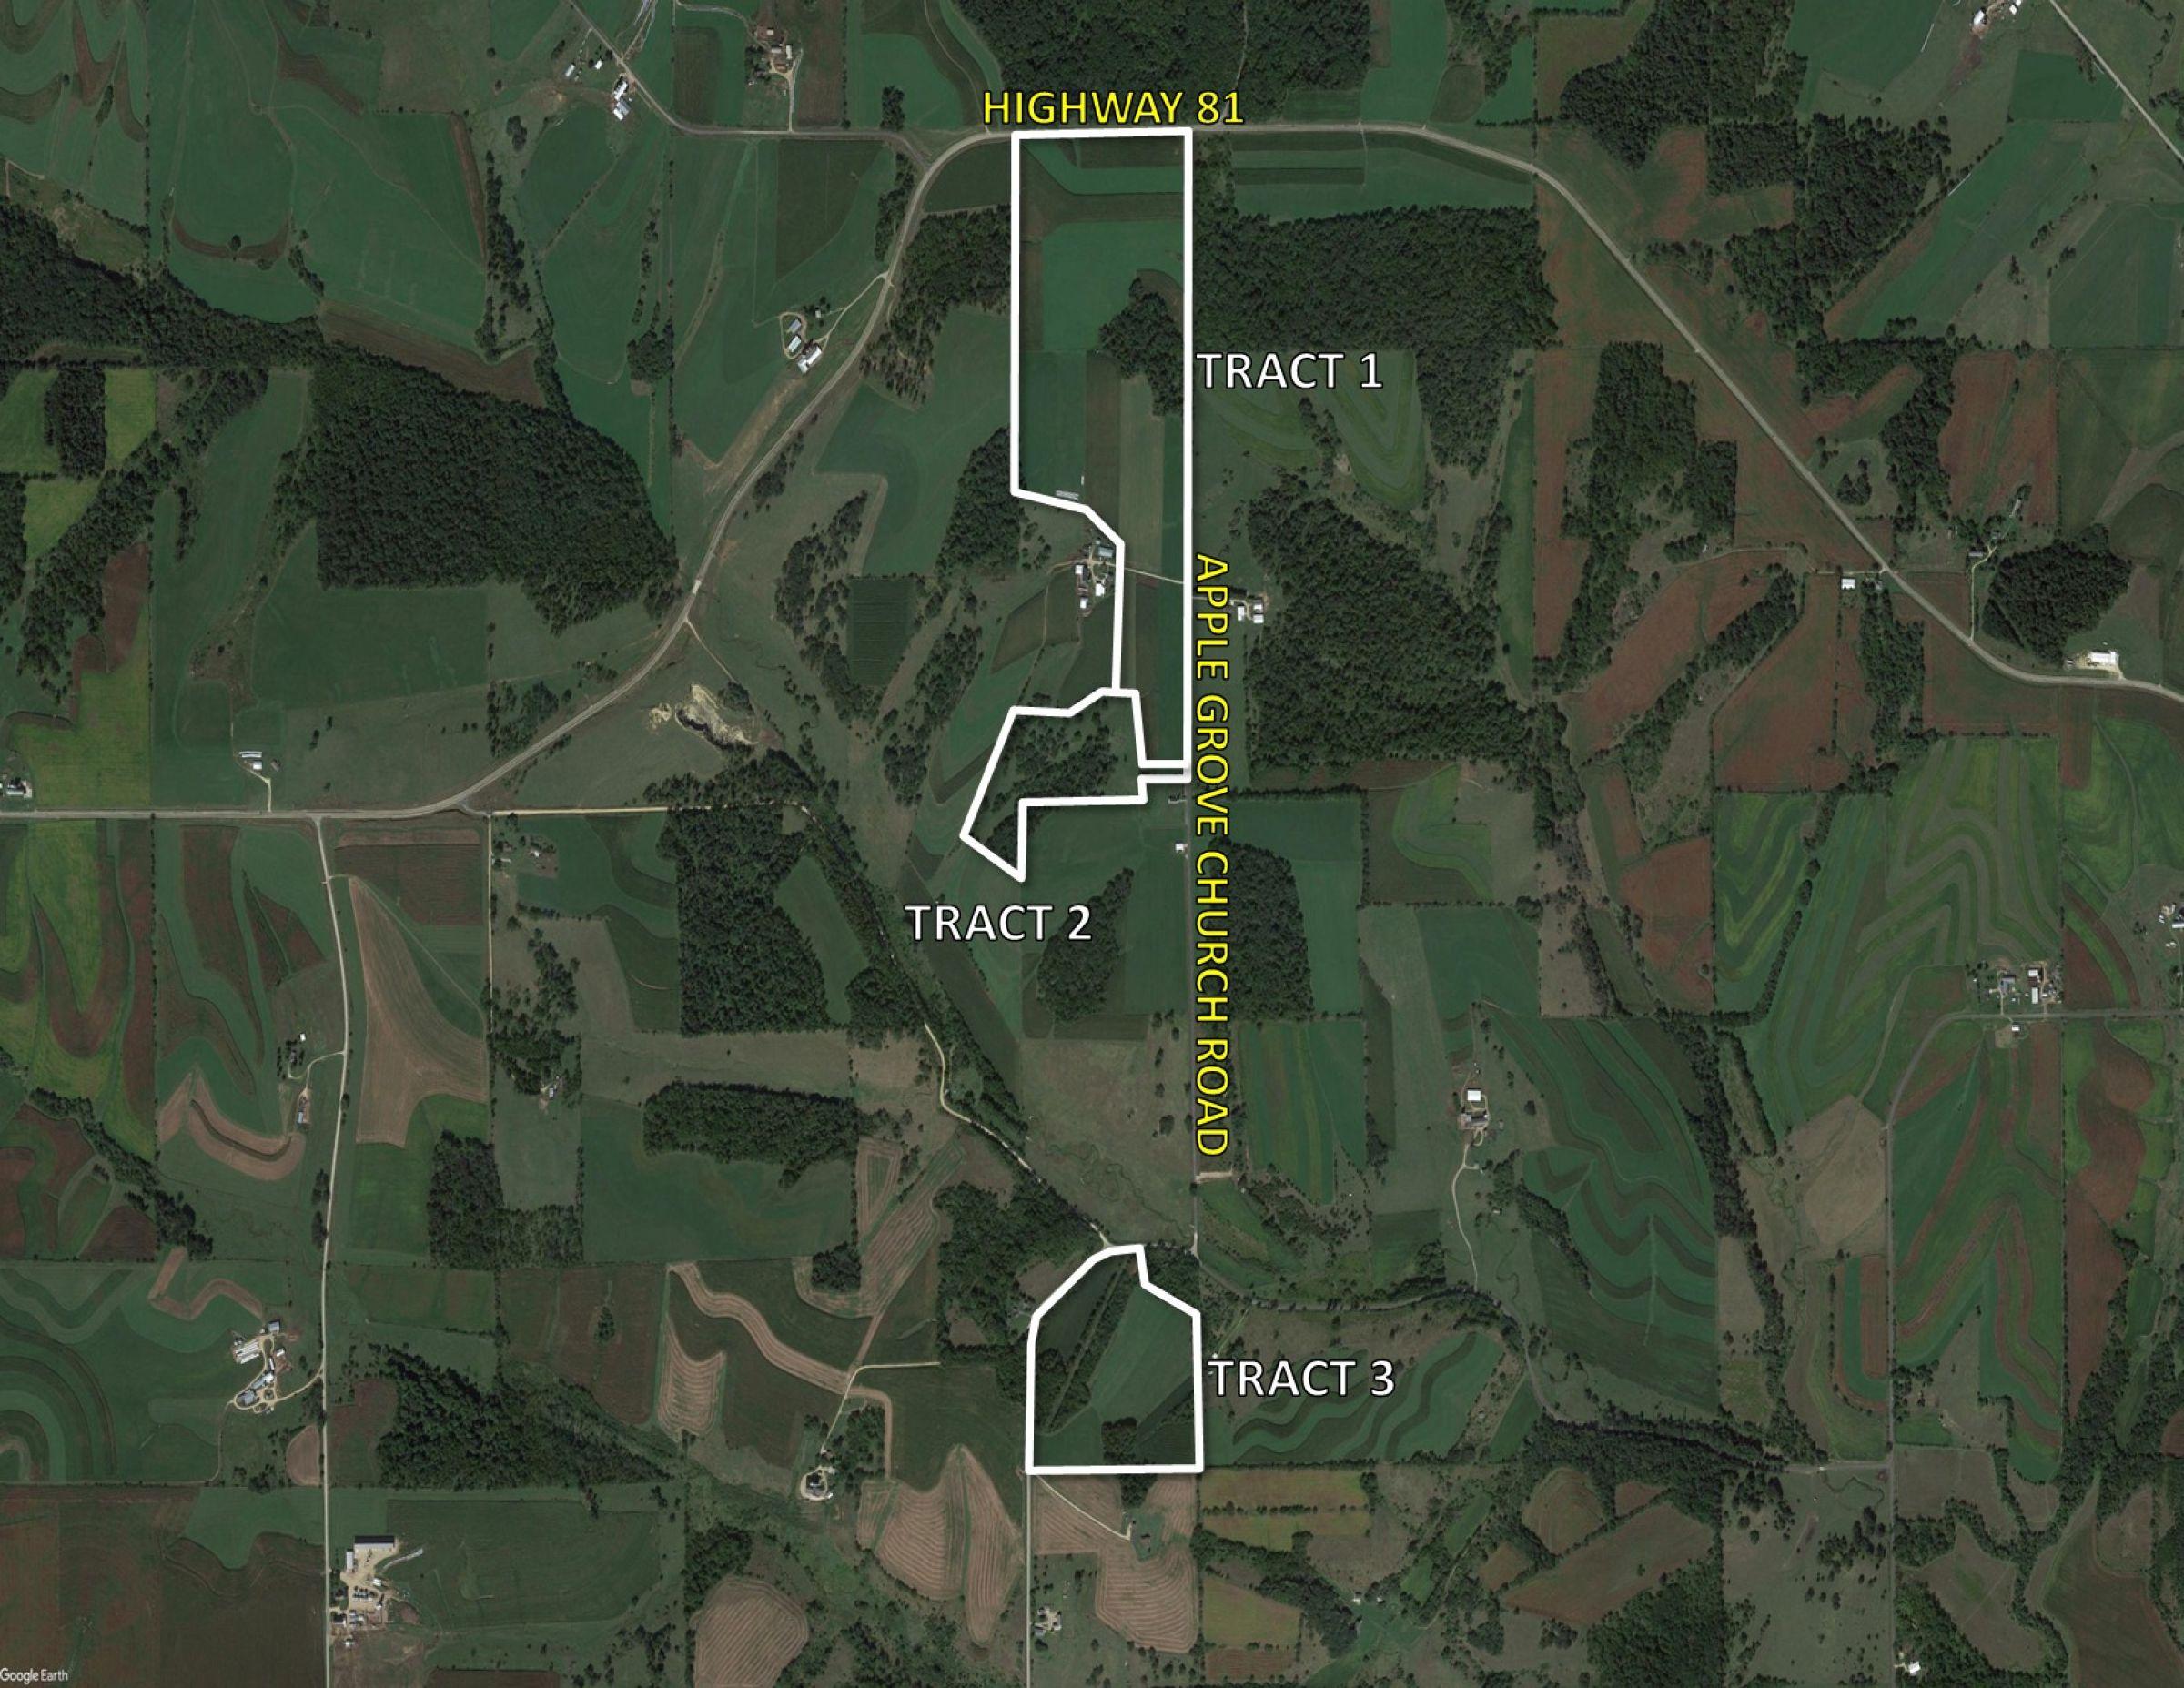 2-apple-grove-church-road-argyle-53504-0-2021-09-29-211536.jpg